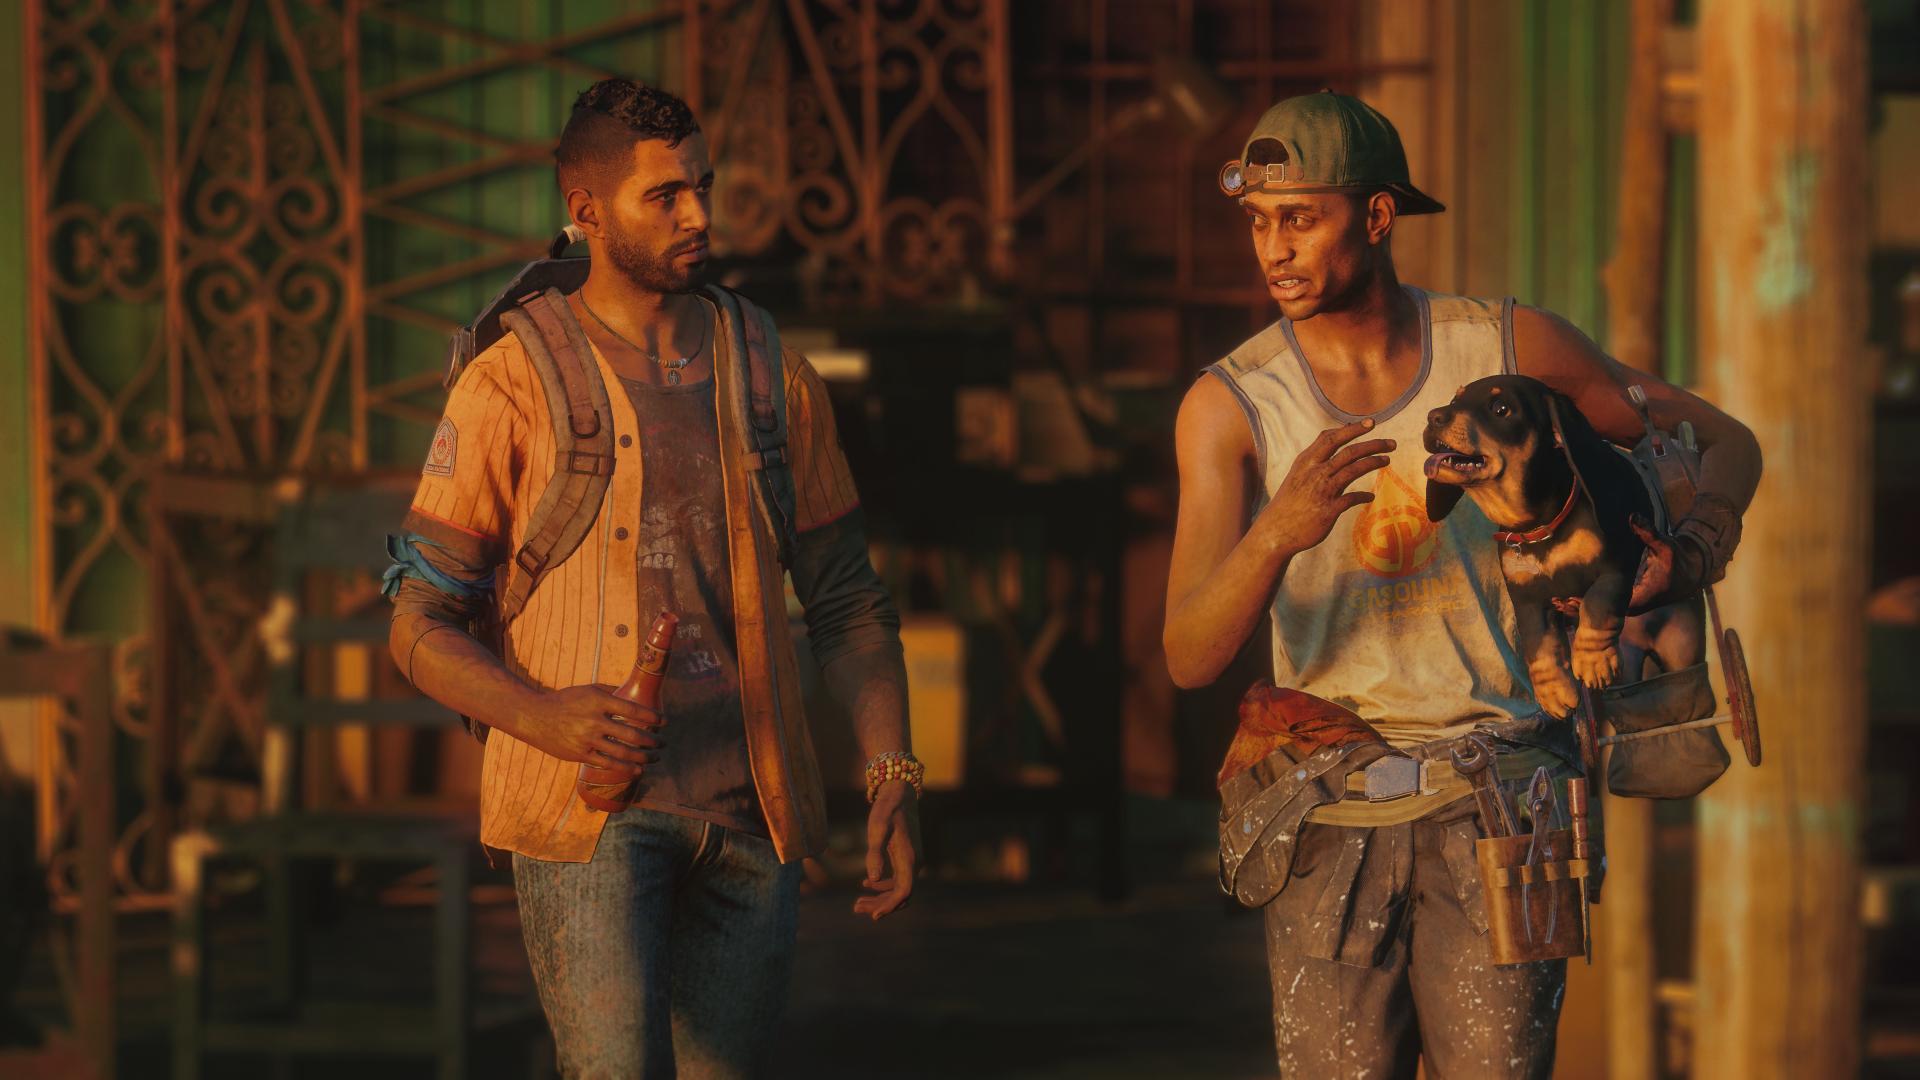 Первый трейлер Far Cry 6 и заставка в стиле сериалов | Hi-Tech ...